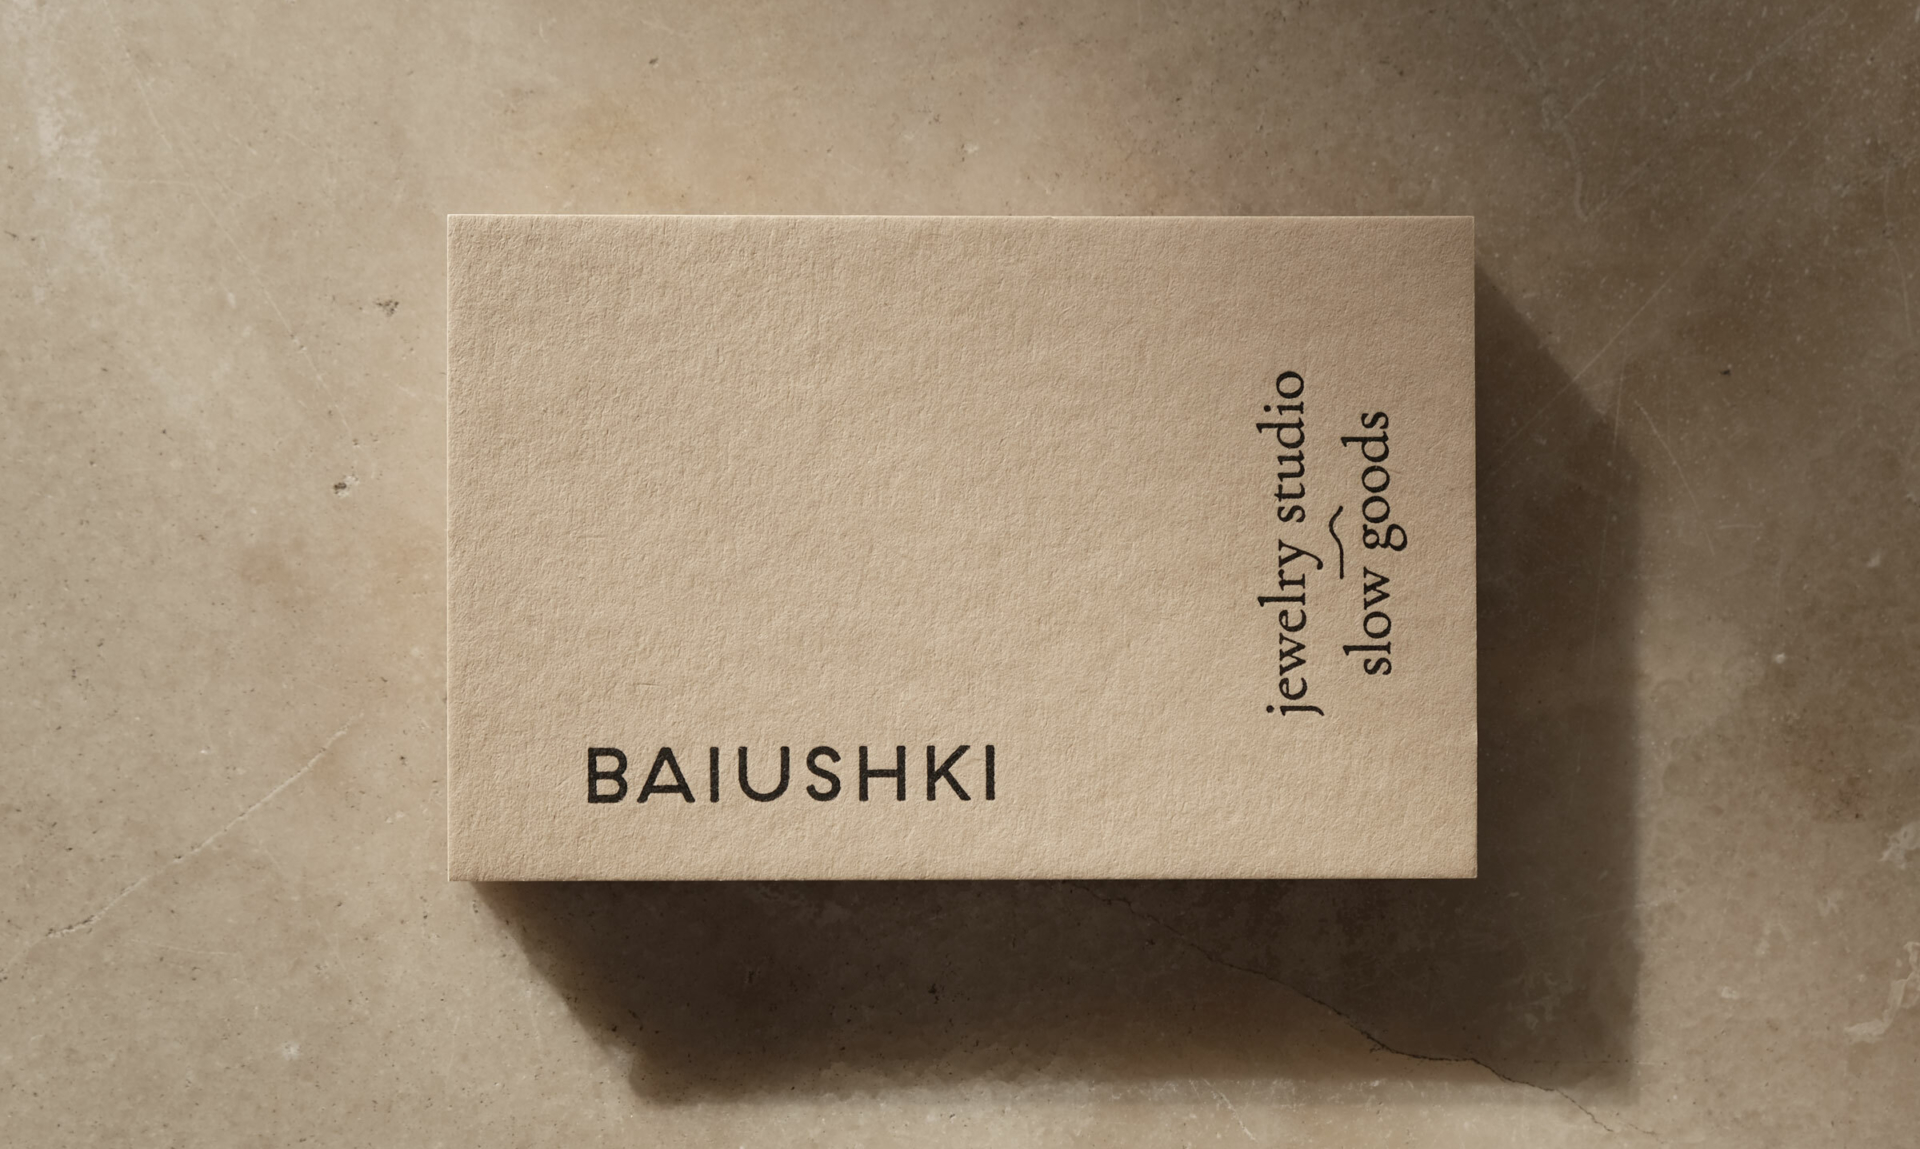 Baiushki